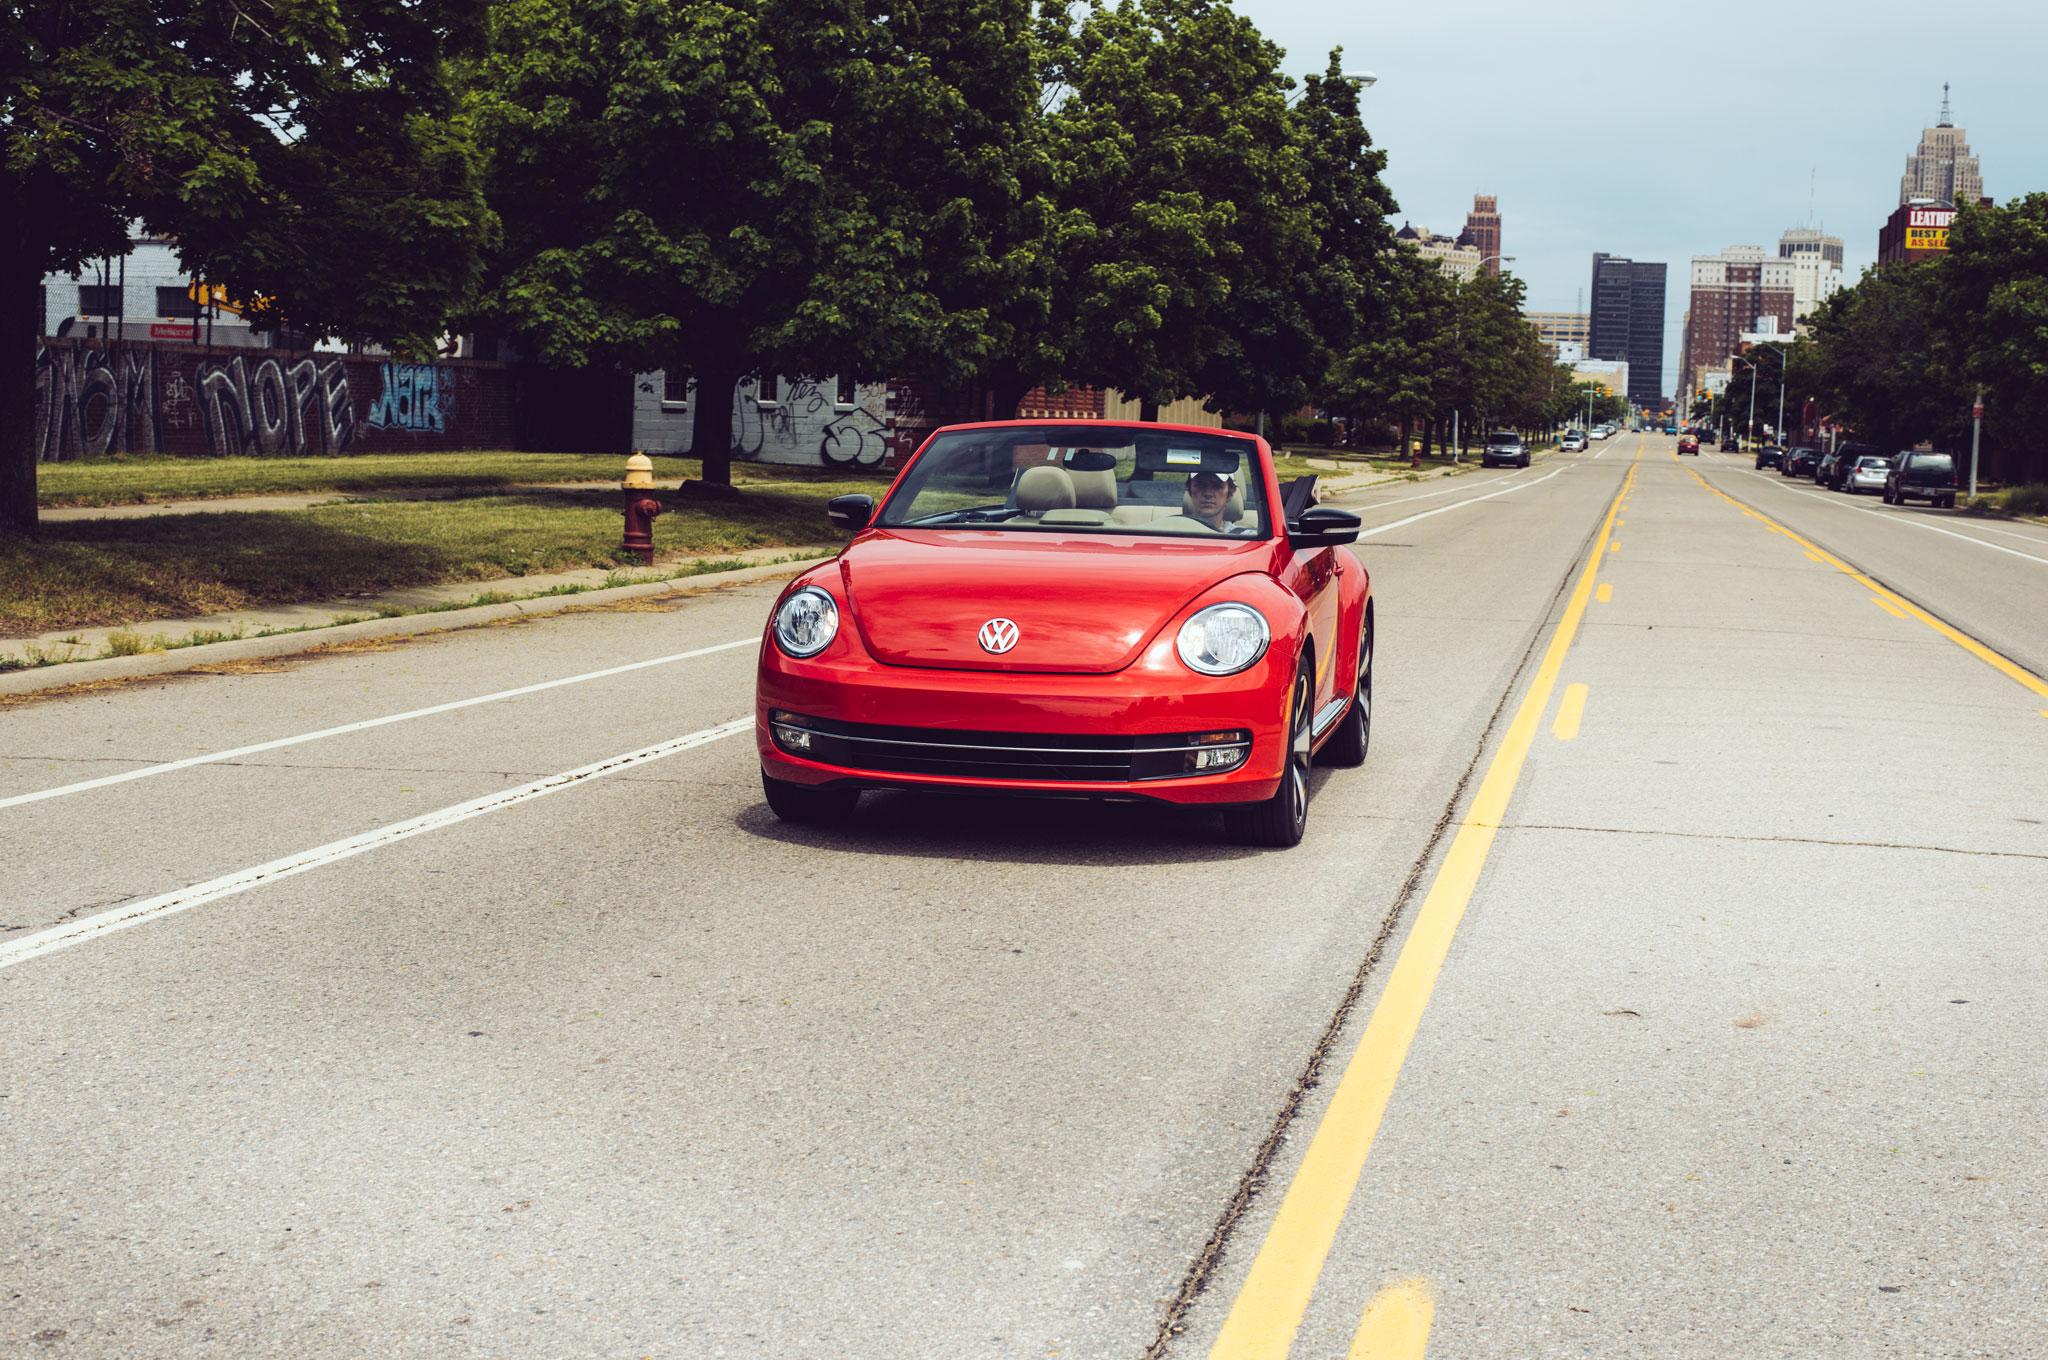 2013 Volkswagen Beetle Turbo Convertible Front View1